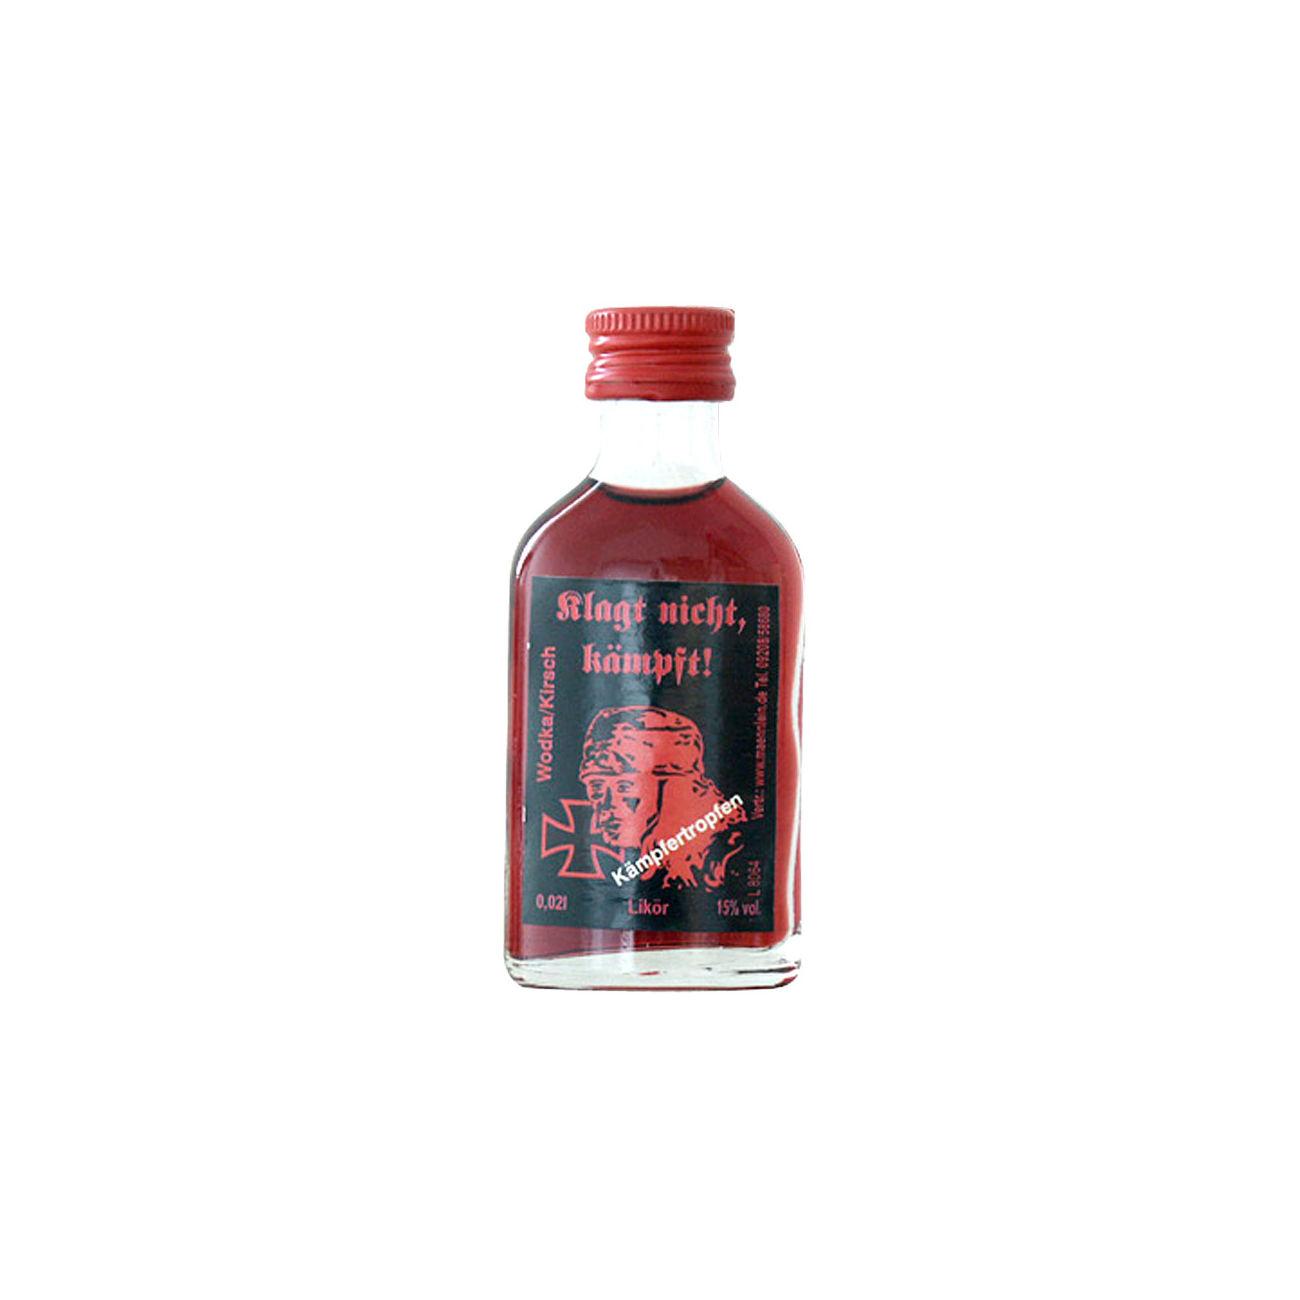 Kämpfertropfen Wodka/Kirsch Likör, 2cl günstig kaufen - Kotte & Zeller